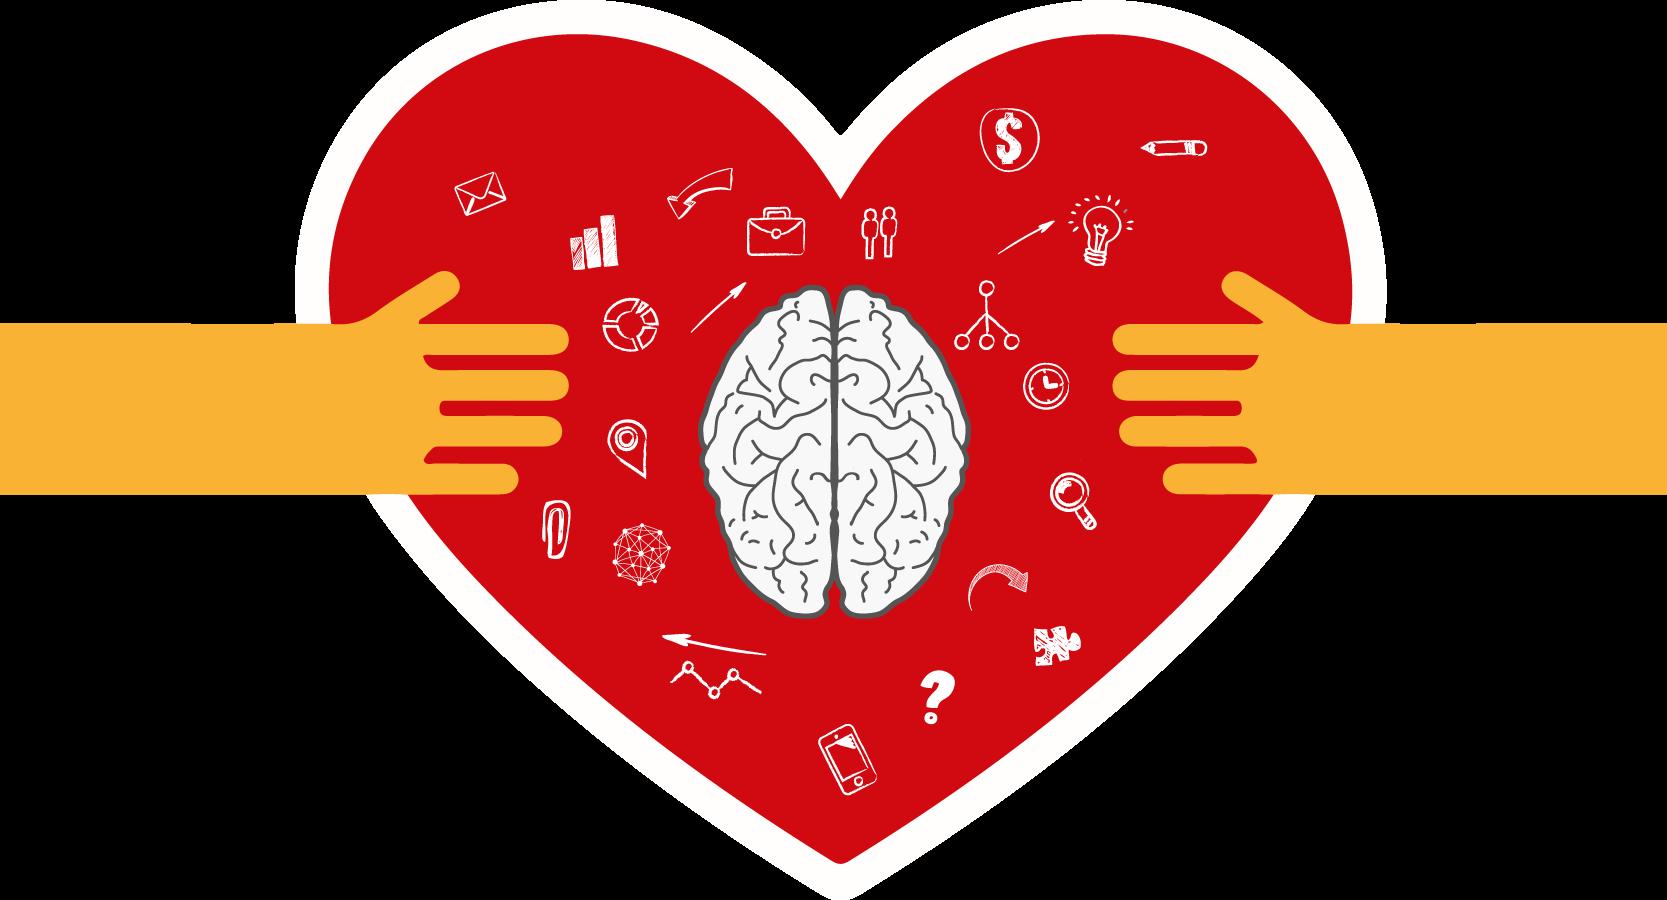 La empatía y el marketing emocional | Blog de Funky Marketing